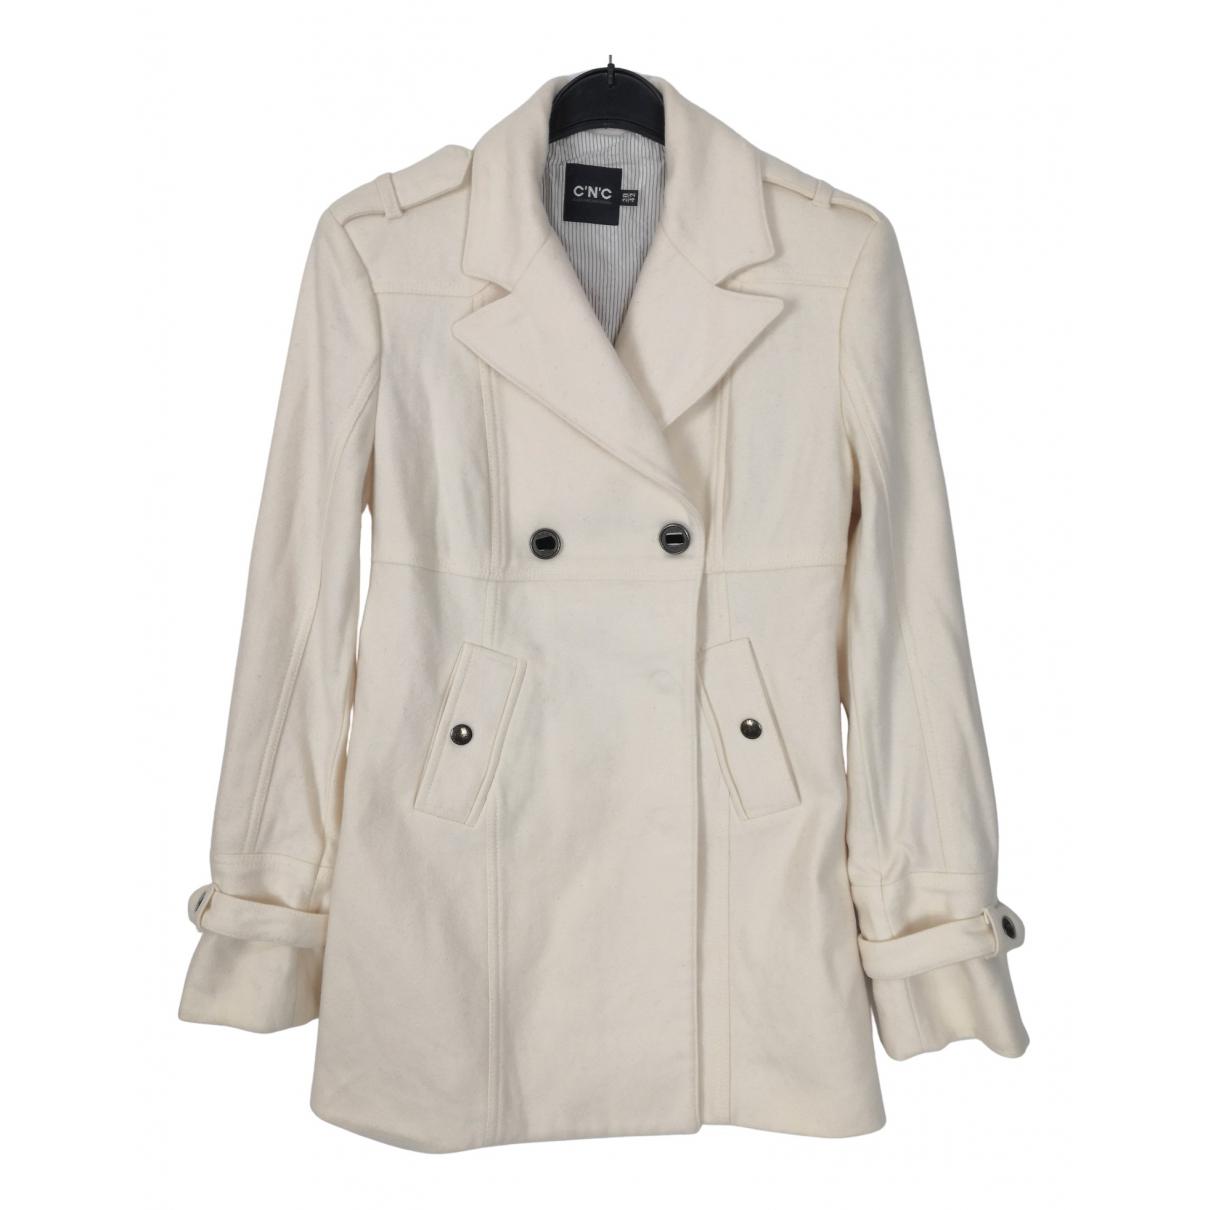 Costume National - Manteau   pour femme en laine - beige